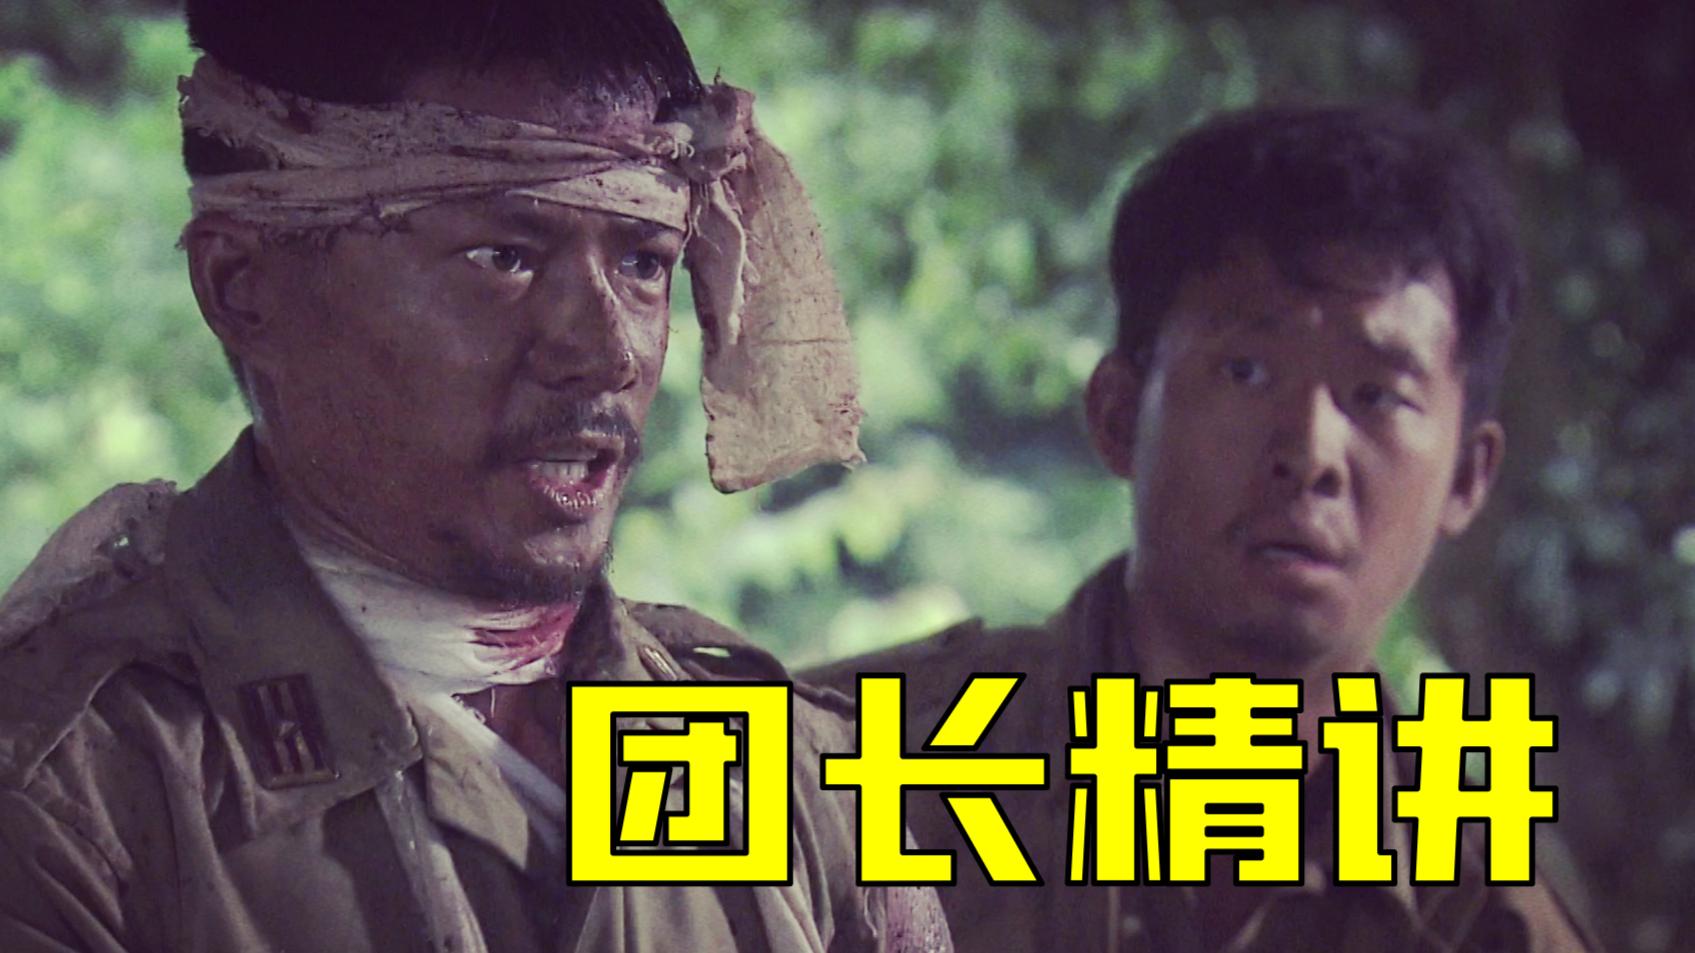 精讲《我的团长我的团》第十二回 沙盘大战前篇 细说松山战役